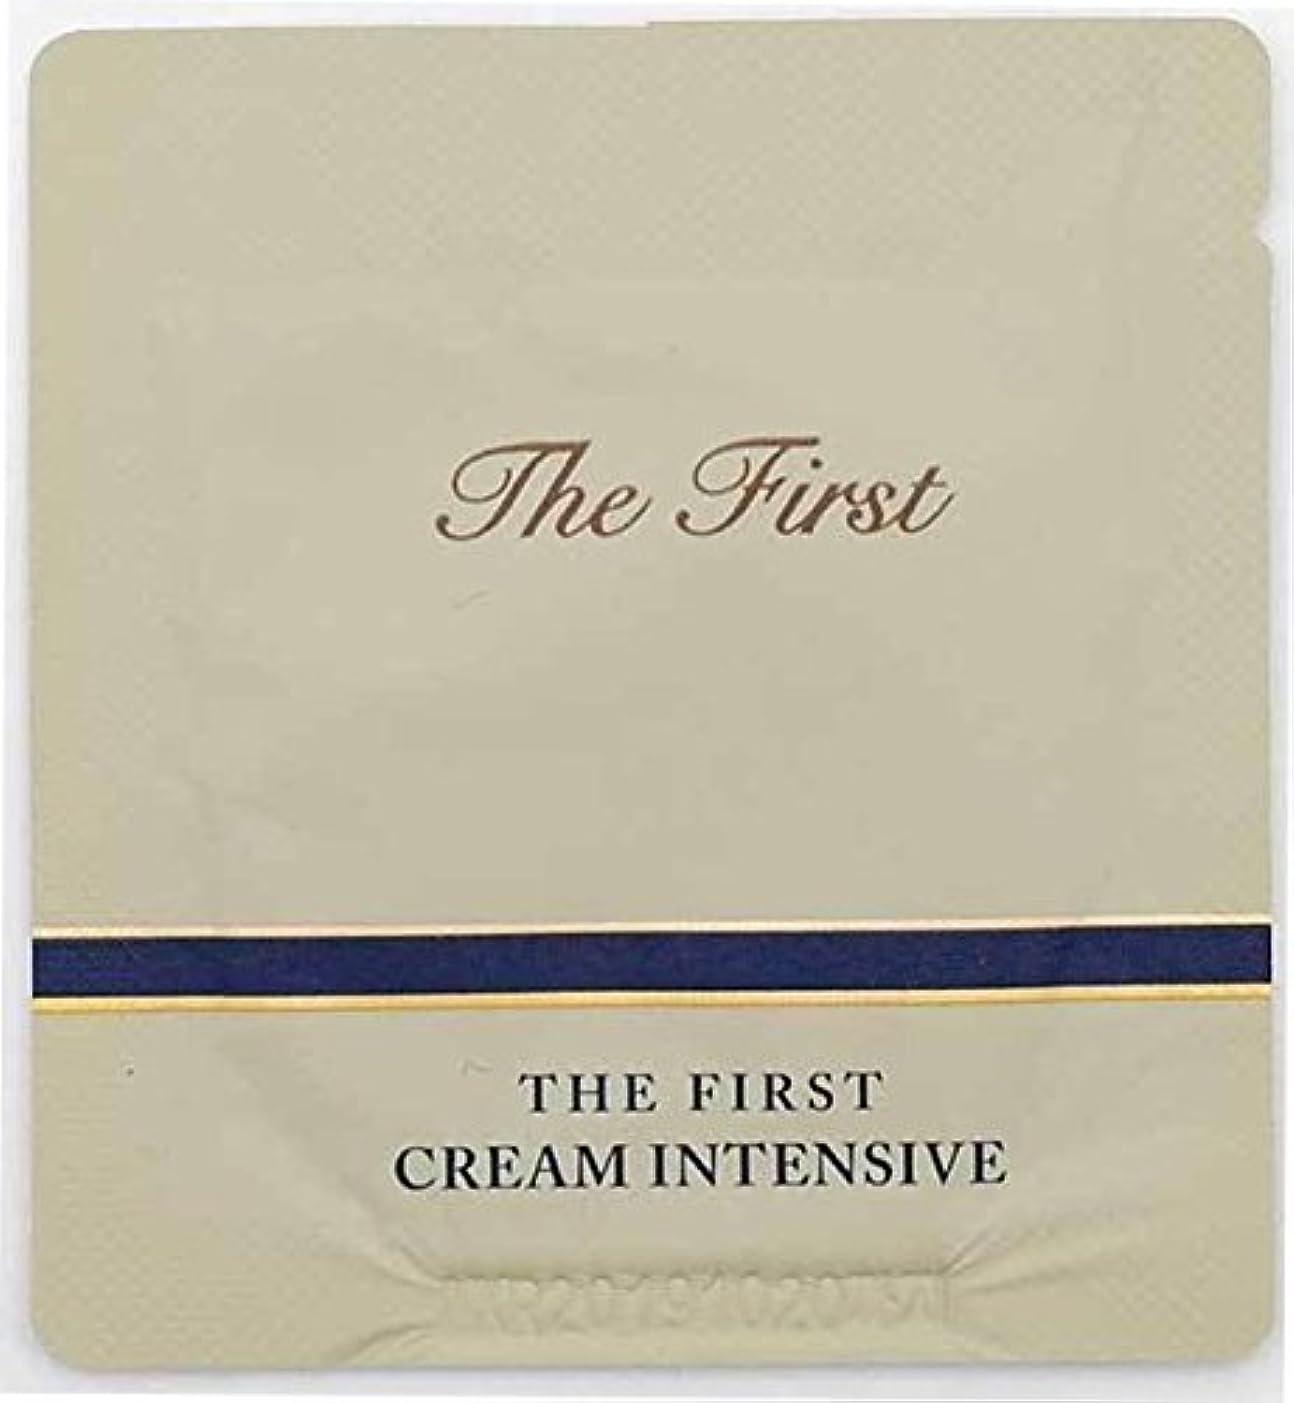 連続的カプセル何故なの[サンプル] OHUI The First Cream intensive 1ml × 30ea/オフィ ザ ファースト クリーム インテンシブ 1ml × 30個